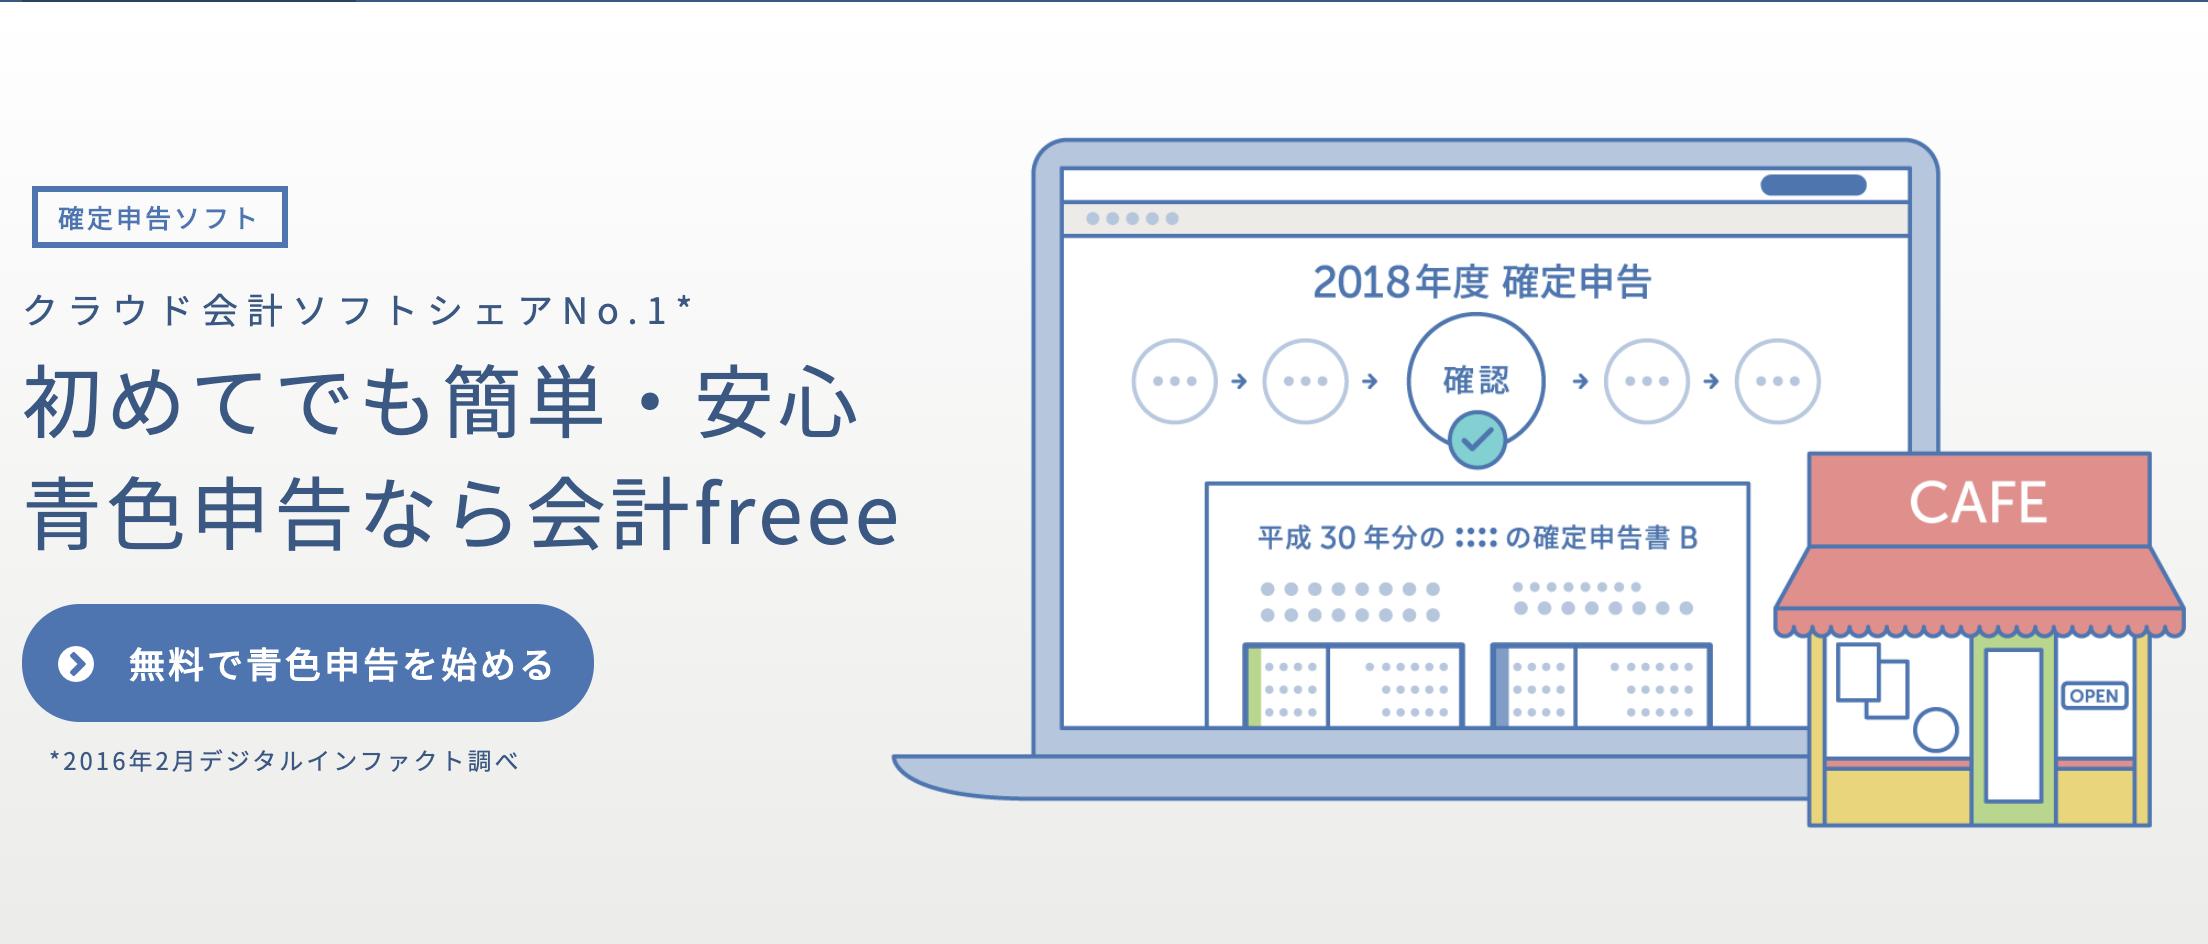 freee (フリー)